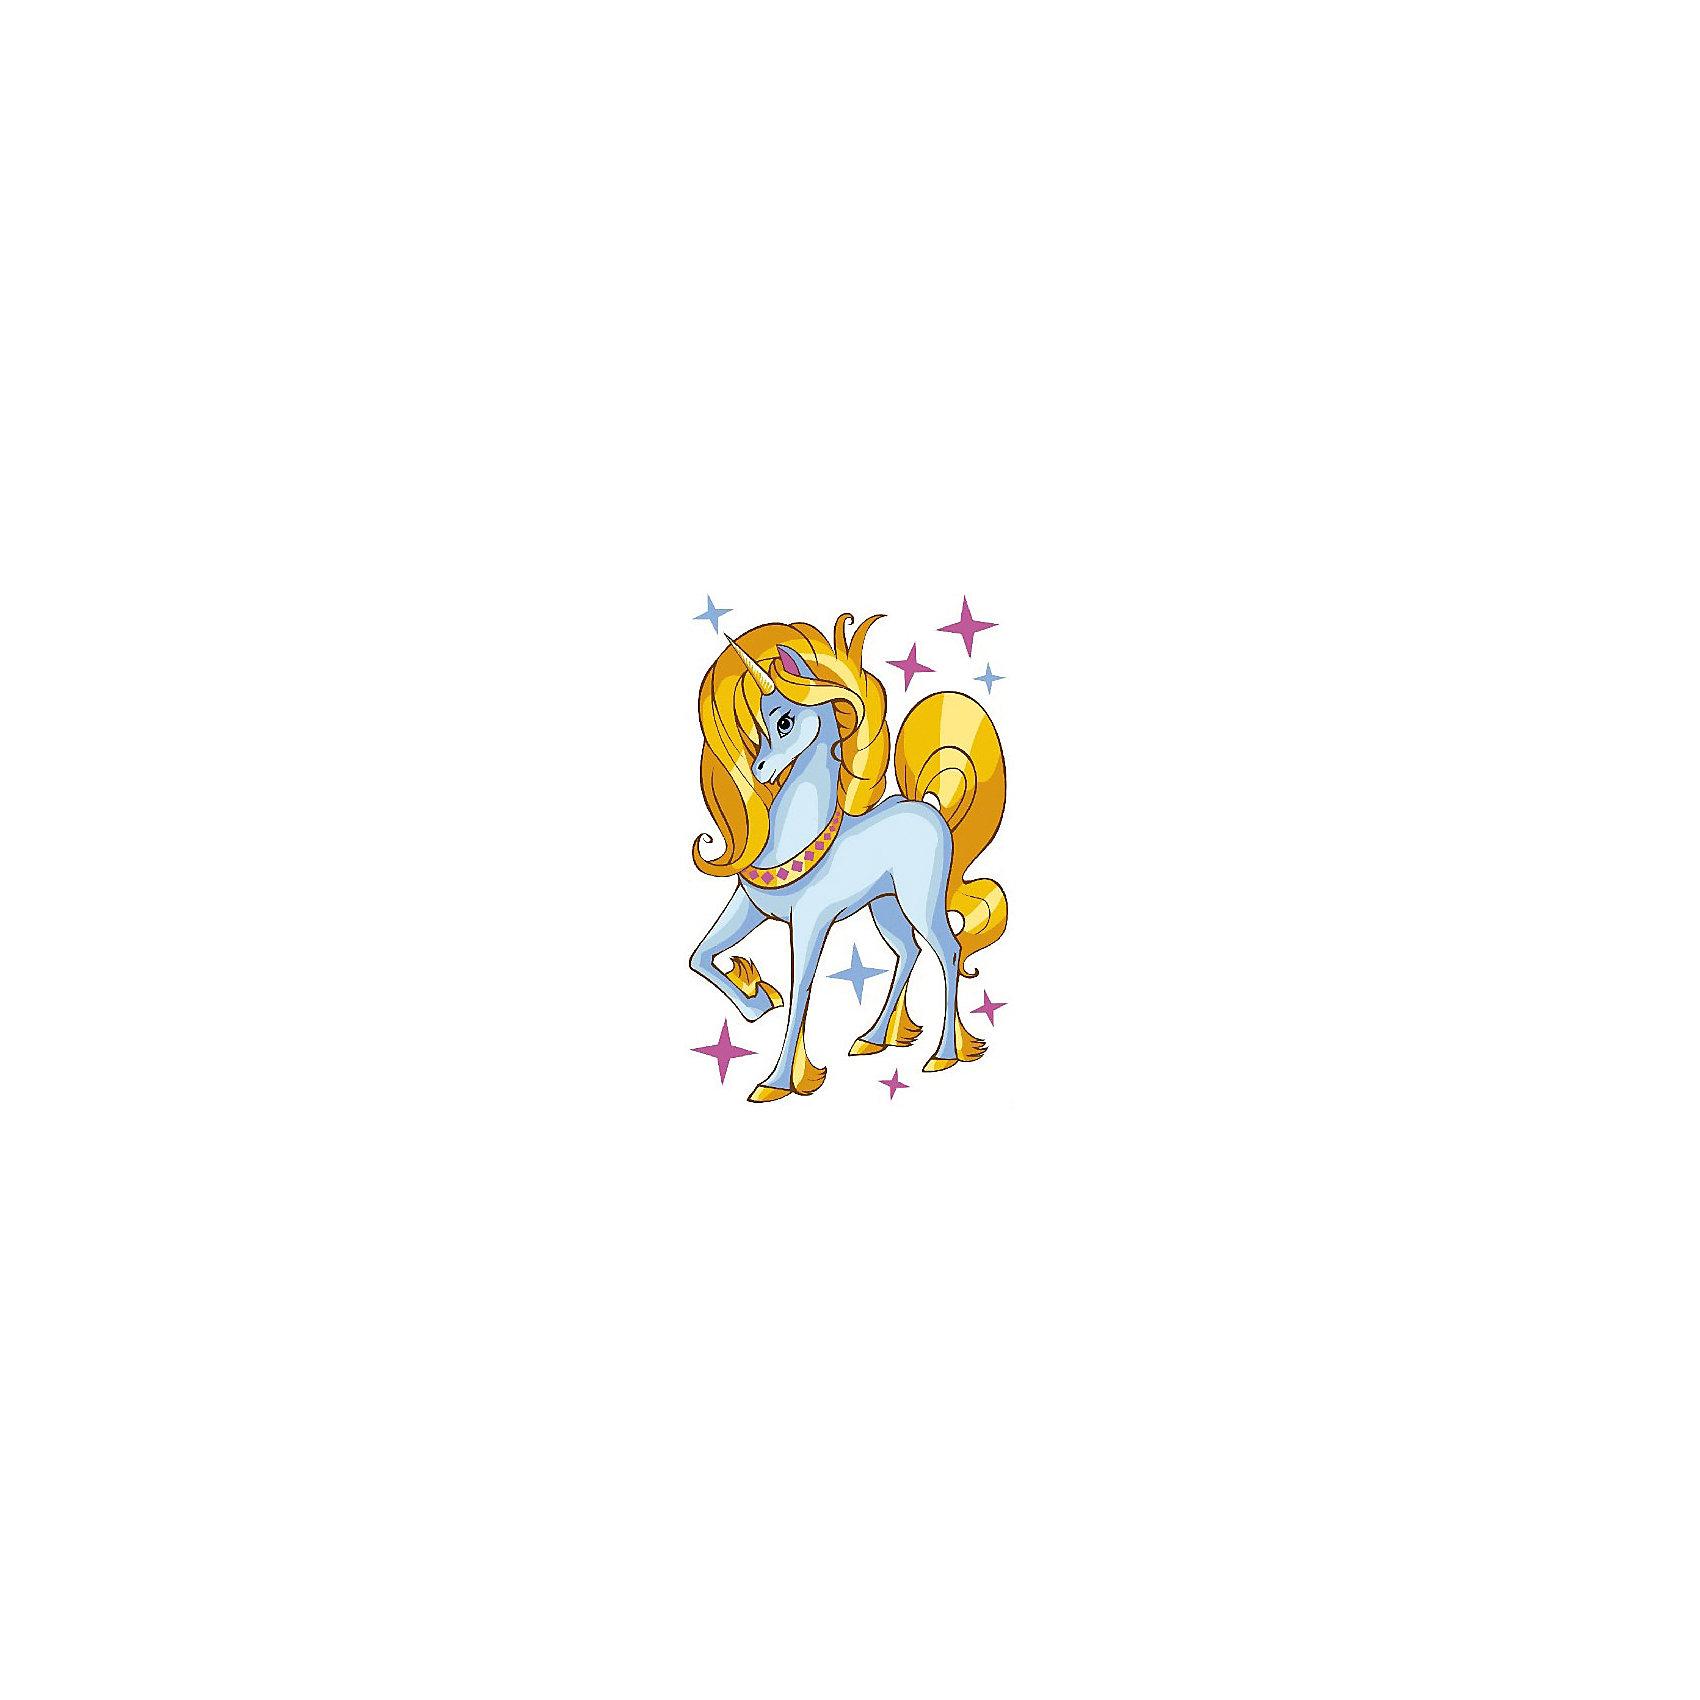 Набор юного художника Звездочка, 20*30 смДетские картины с раскраской по номерам размером 20*30. На деревянном подрамнике, с прогрунтованным холстом и  нанесенными контурами картины, с указанием цвета закраски, акриловыми красками, 3 кисточками и креплением на стену. Уровень сложности, количество красок указаны на коробке.<br><br>Ширина мм: 300<br>Глубина мм: 200<br>Высота мм: 30<br>Вес г: 330<br>Возраст от месяцев: 60<br>Возраст до месяцев: 108<br>Пол: Унисекс<br>Возраст: Детский<br>SKU: 5417648